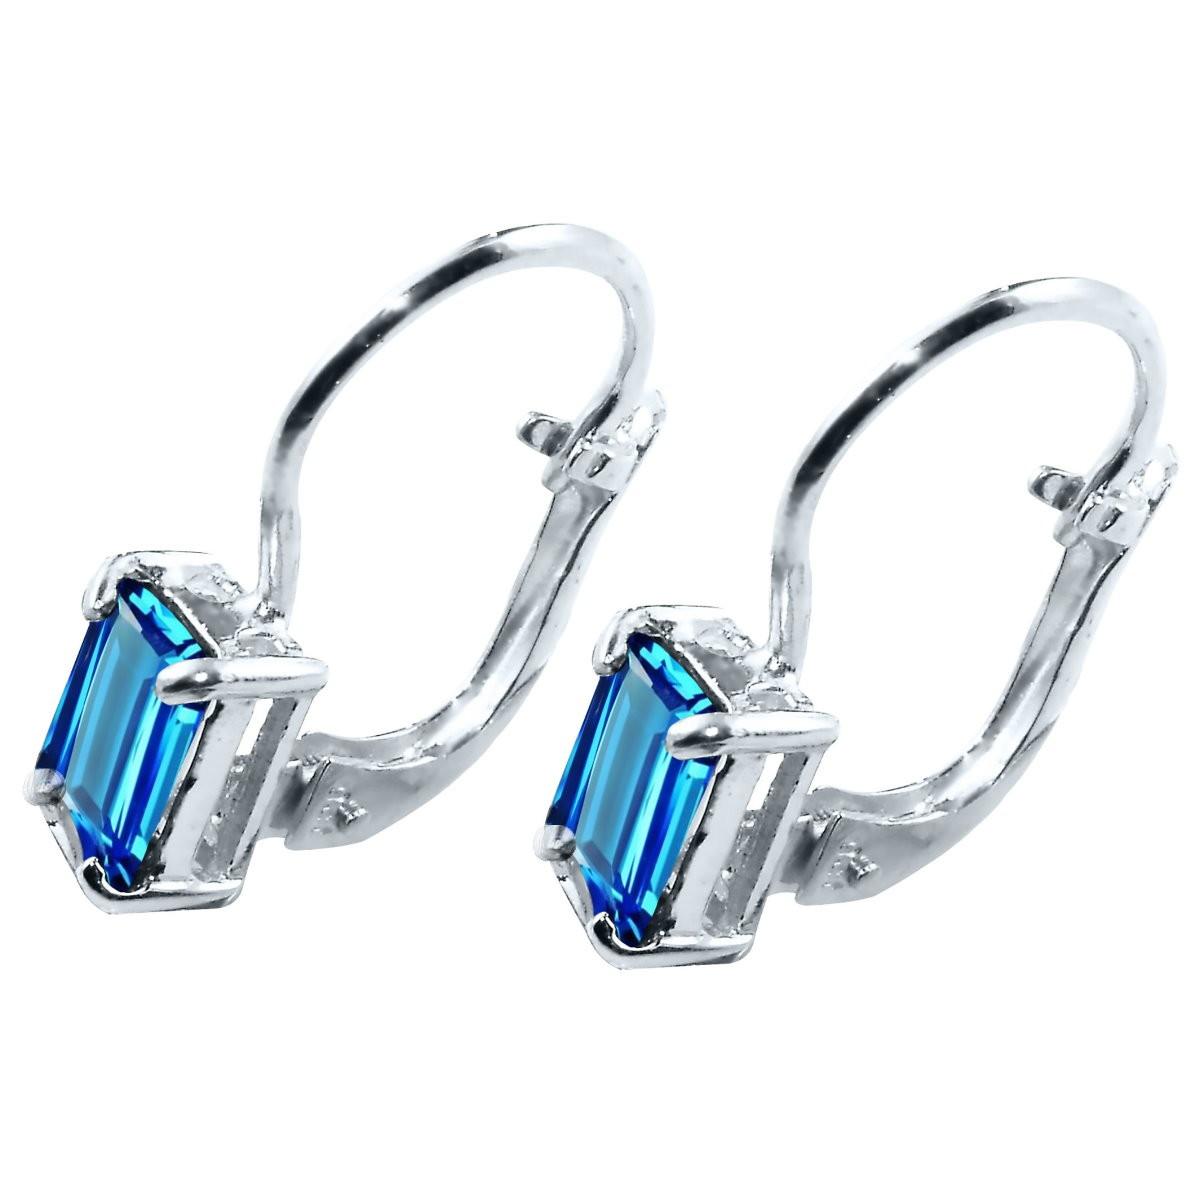 015cffd5a8e0 Brinco Cristal Topazio Azul em Prata 925 | Elo7